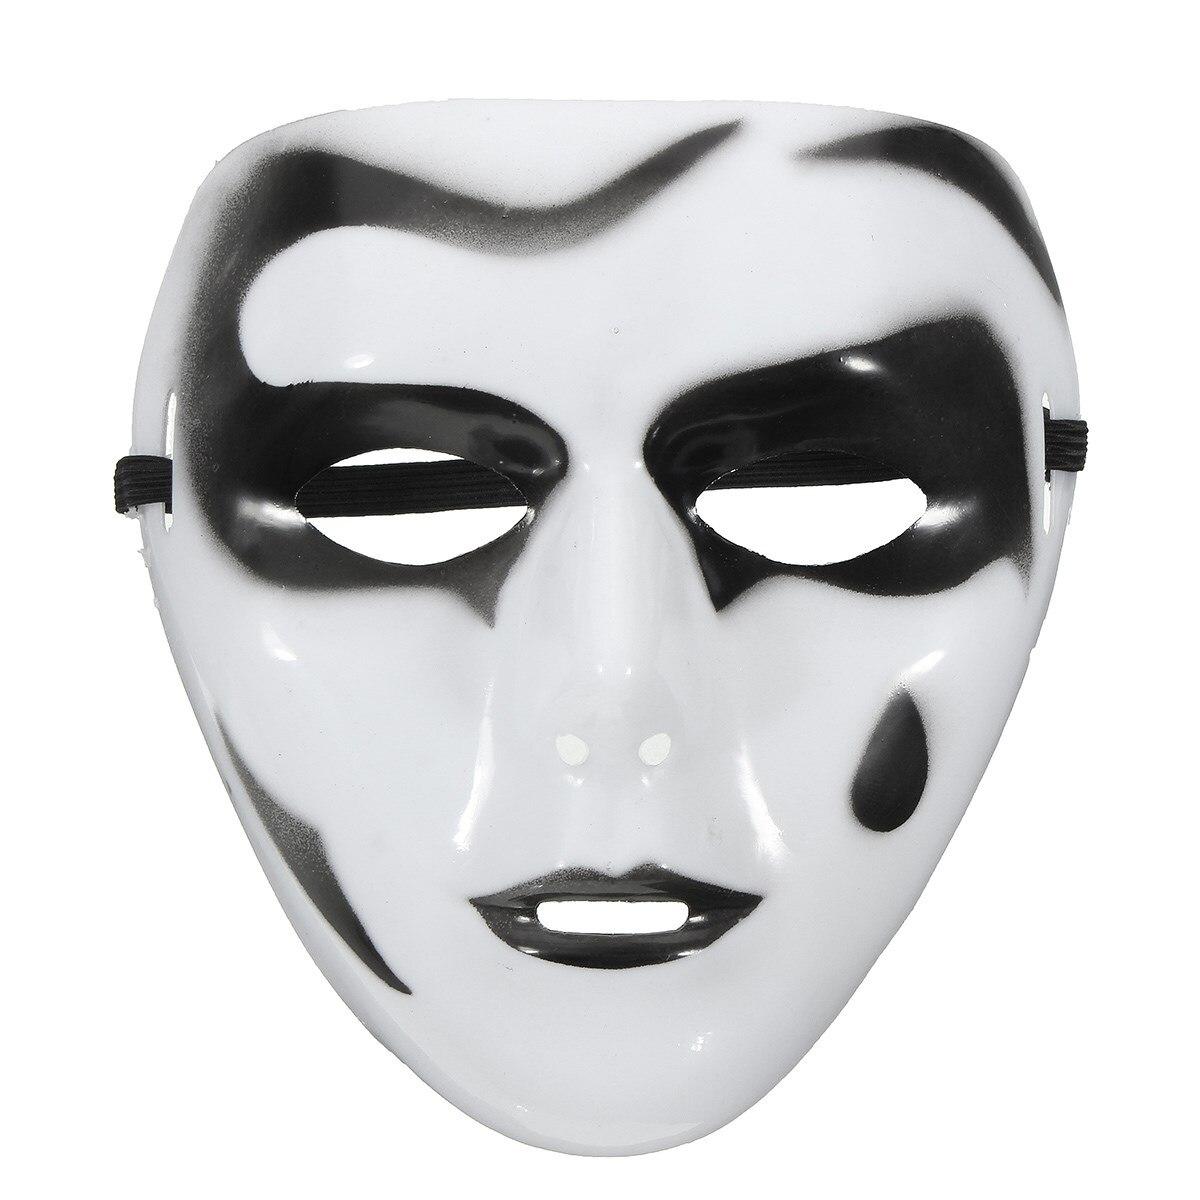 Online Get Cheap Halloween Masks Props -Aliexpress.com | Alibaba Group